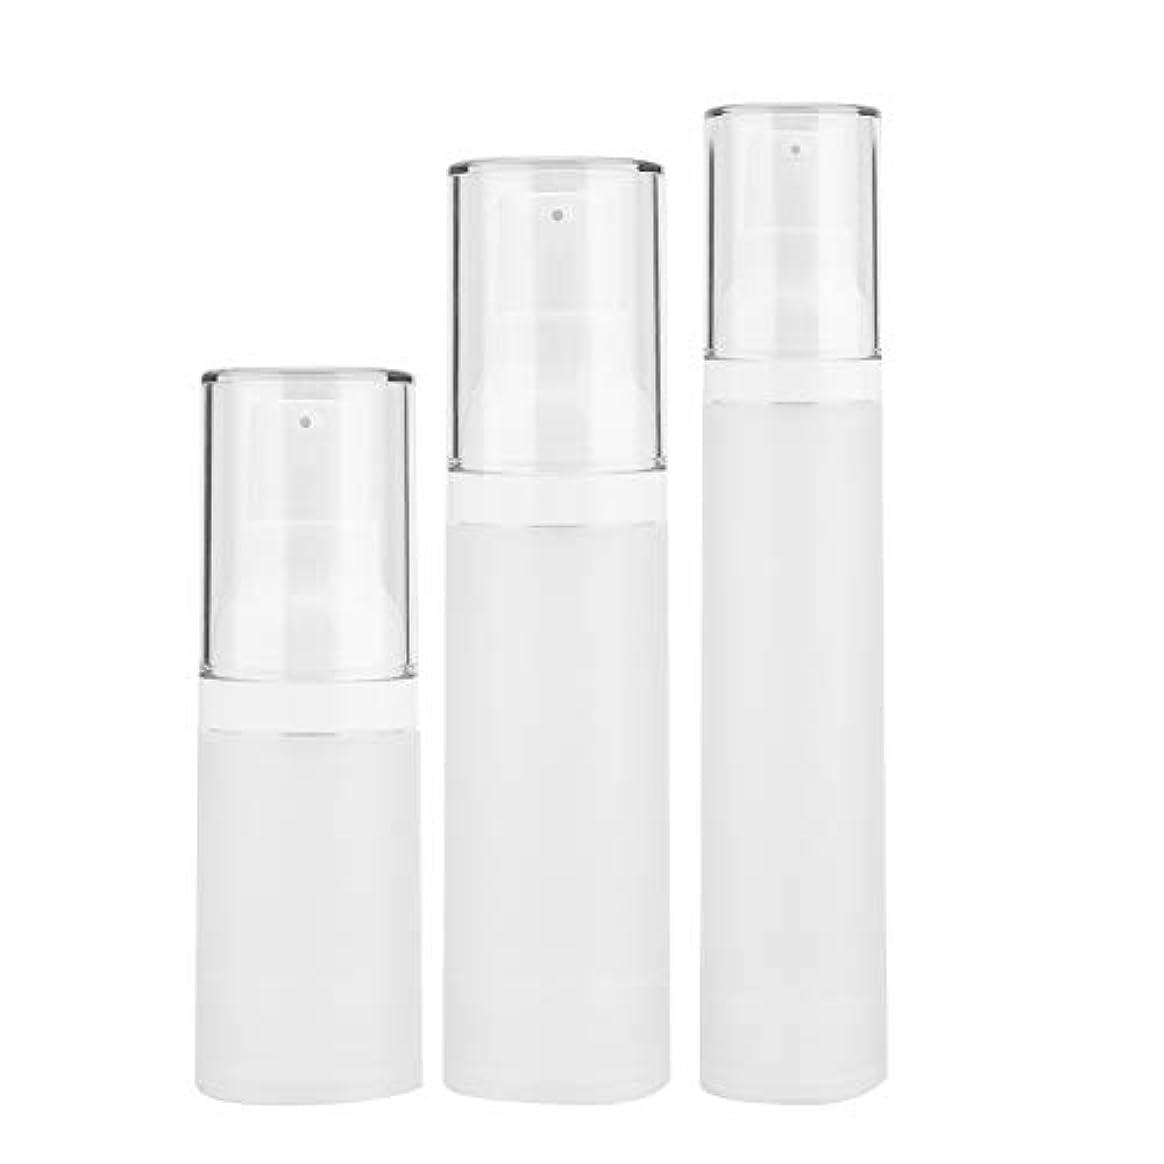 ベックスしかしである3本入りトラベルボトルセット - 化粧品旅行用容器、化粧品容器が空の化粧品容器付きペットボトル - シャンプーとスプレー用(3 pcs)